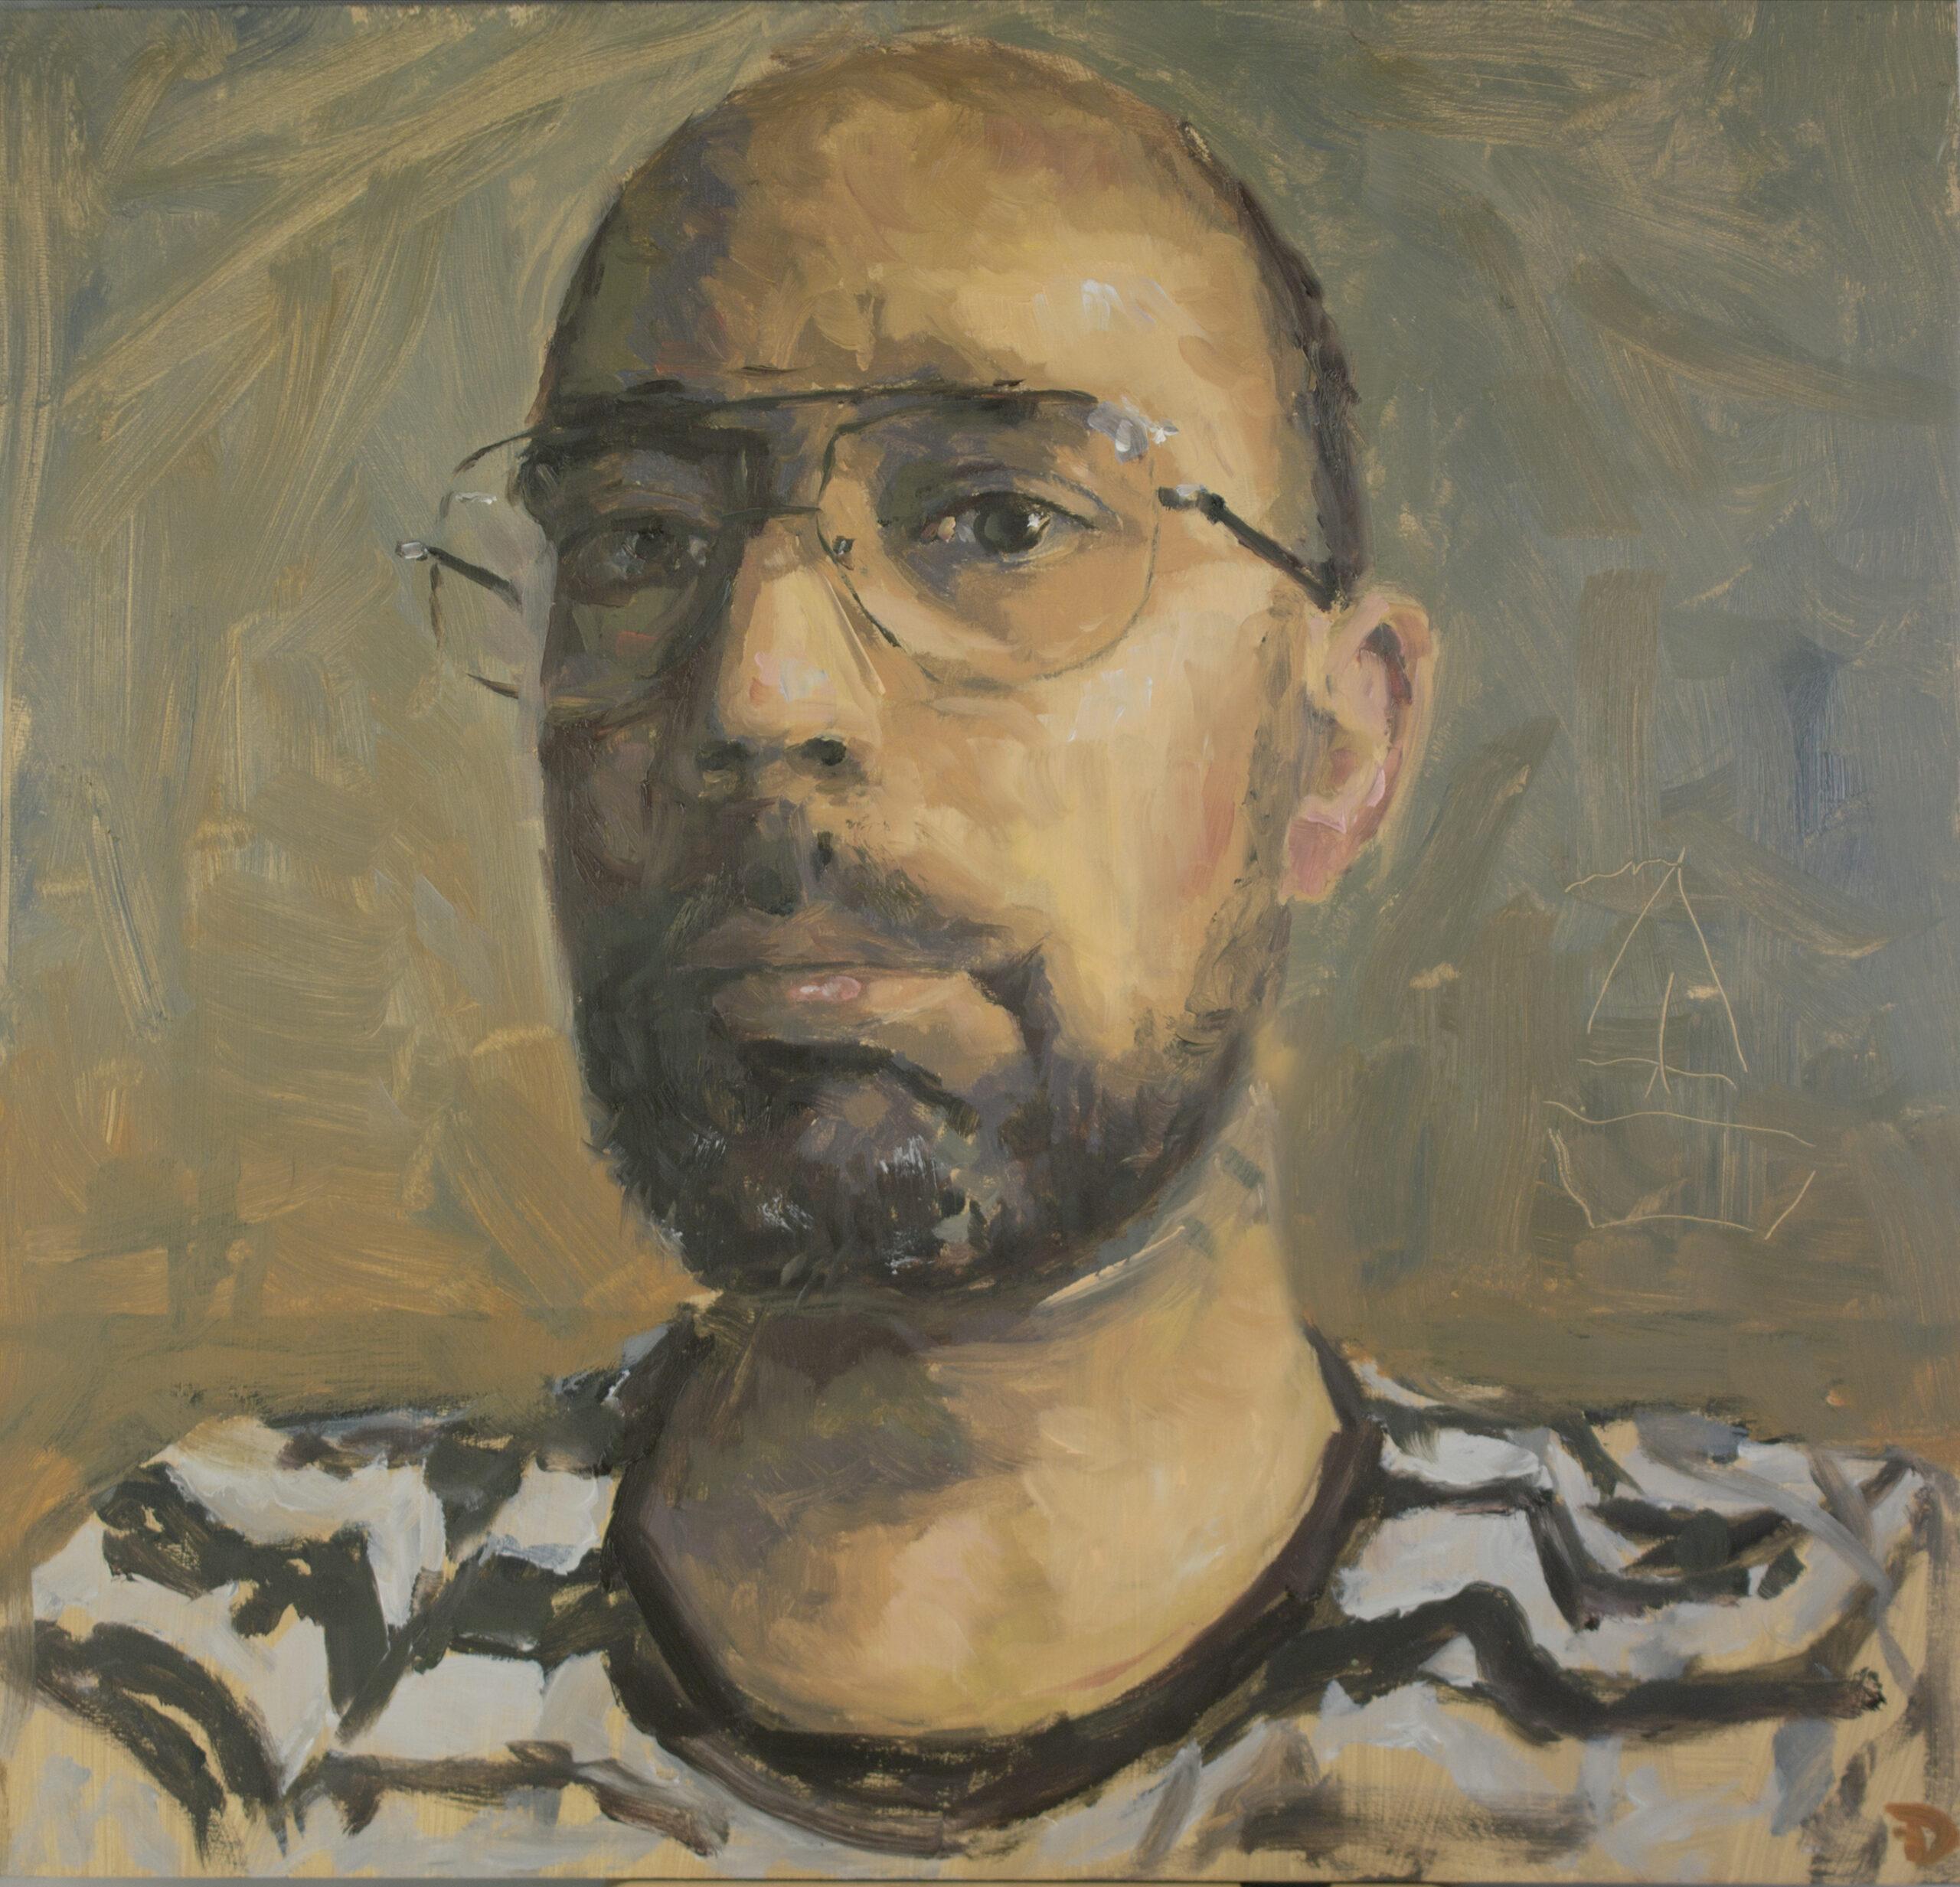 Self portrait   oil painting   30x30cm   2021